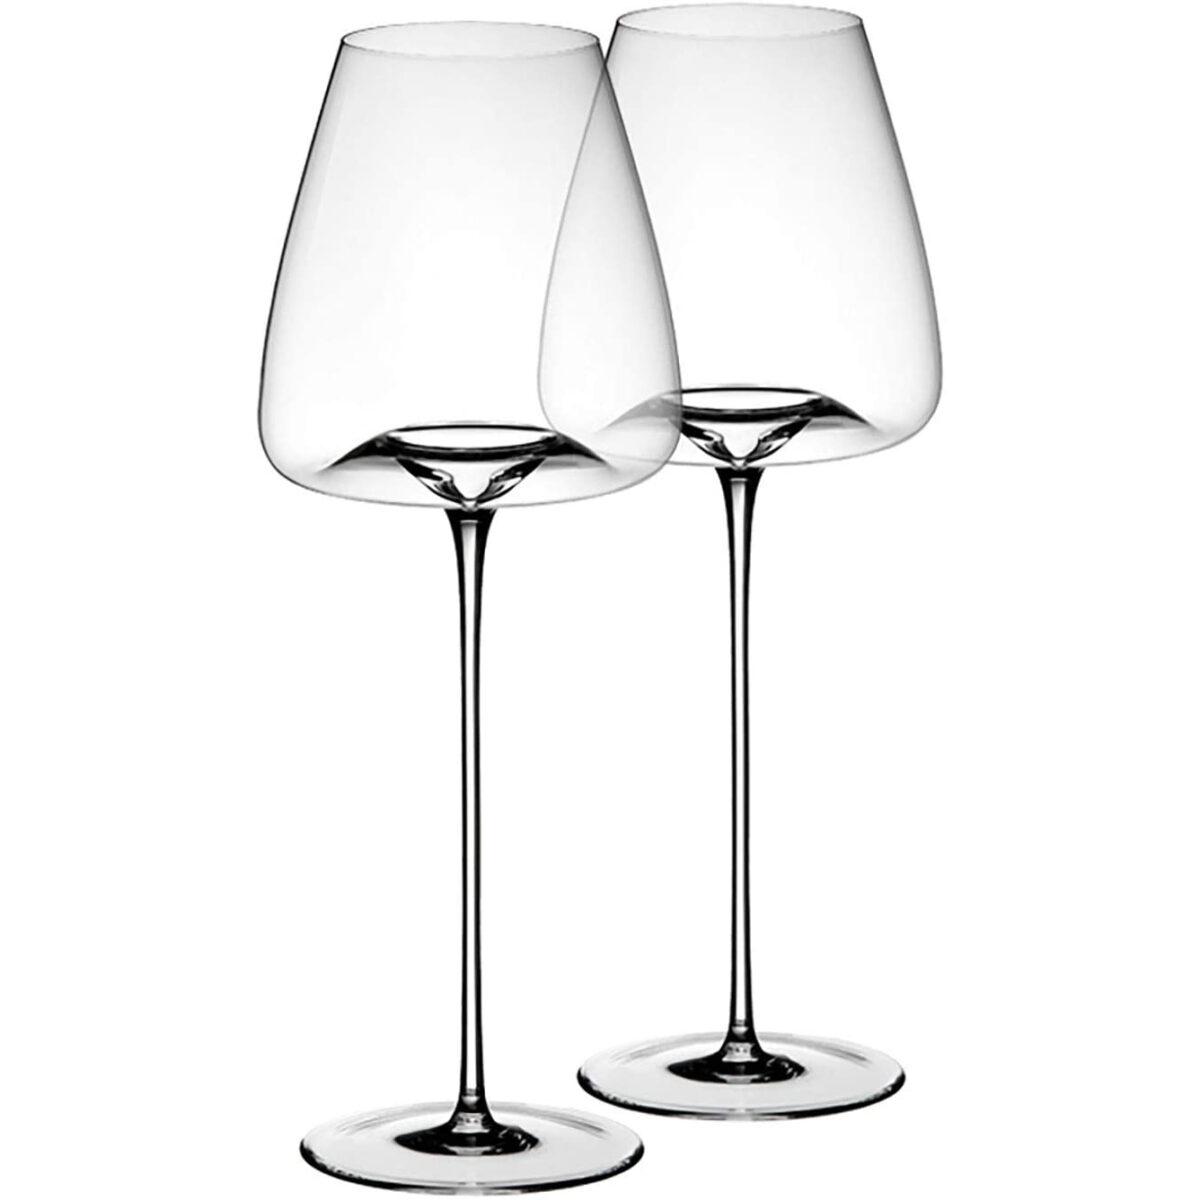 5480.03 1200x1200 - Pahar pentru vin Intense (5480.03PB) ZIEHER – Germania